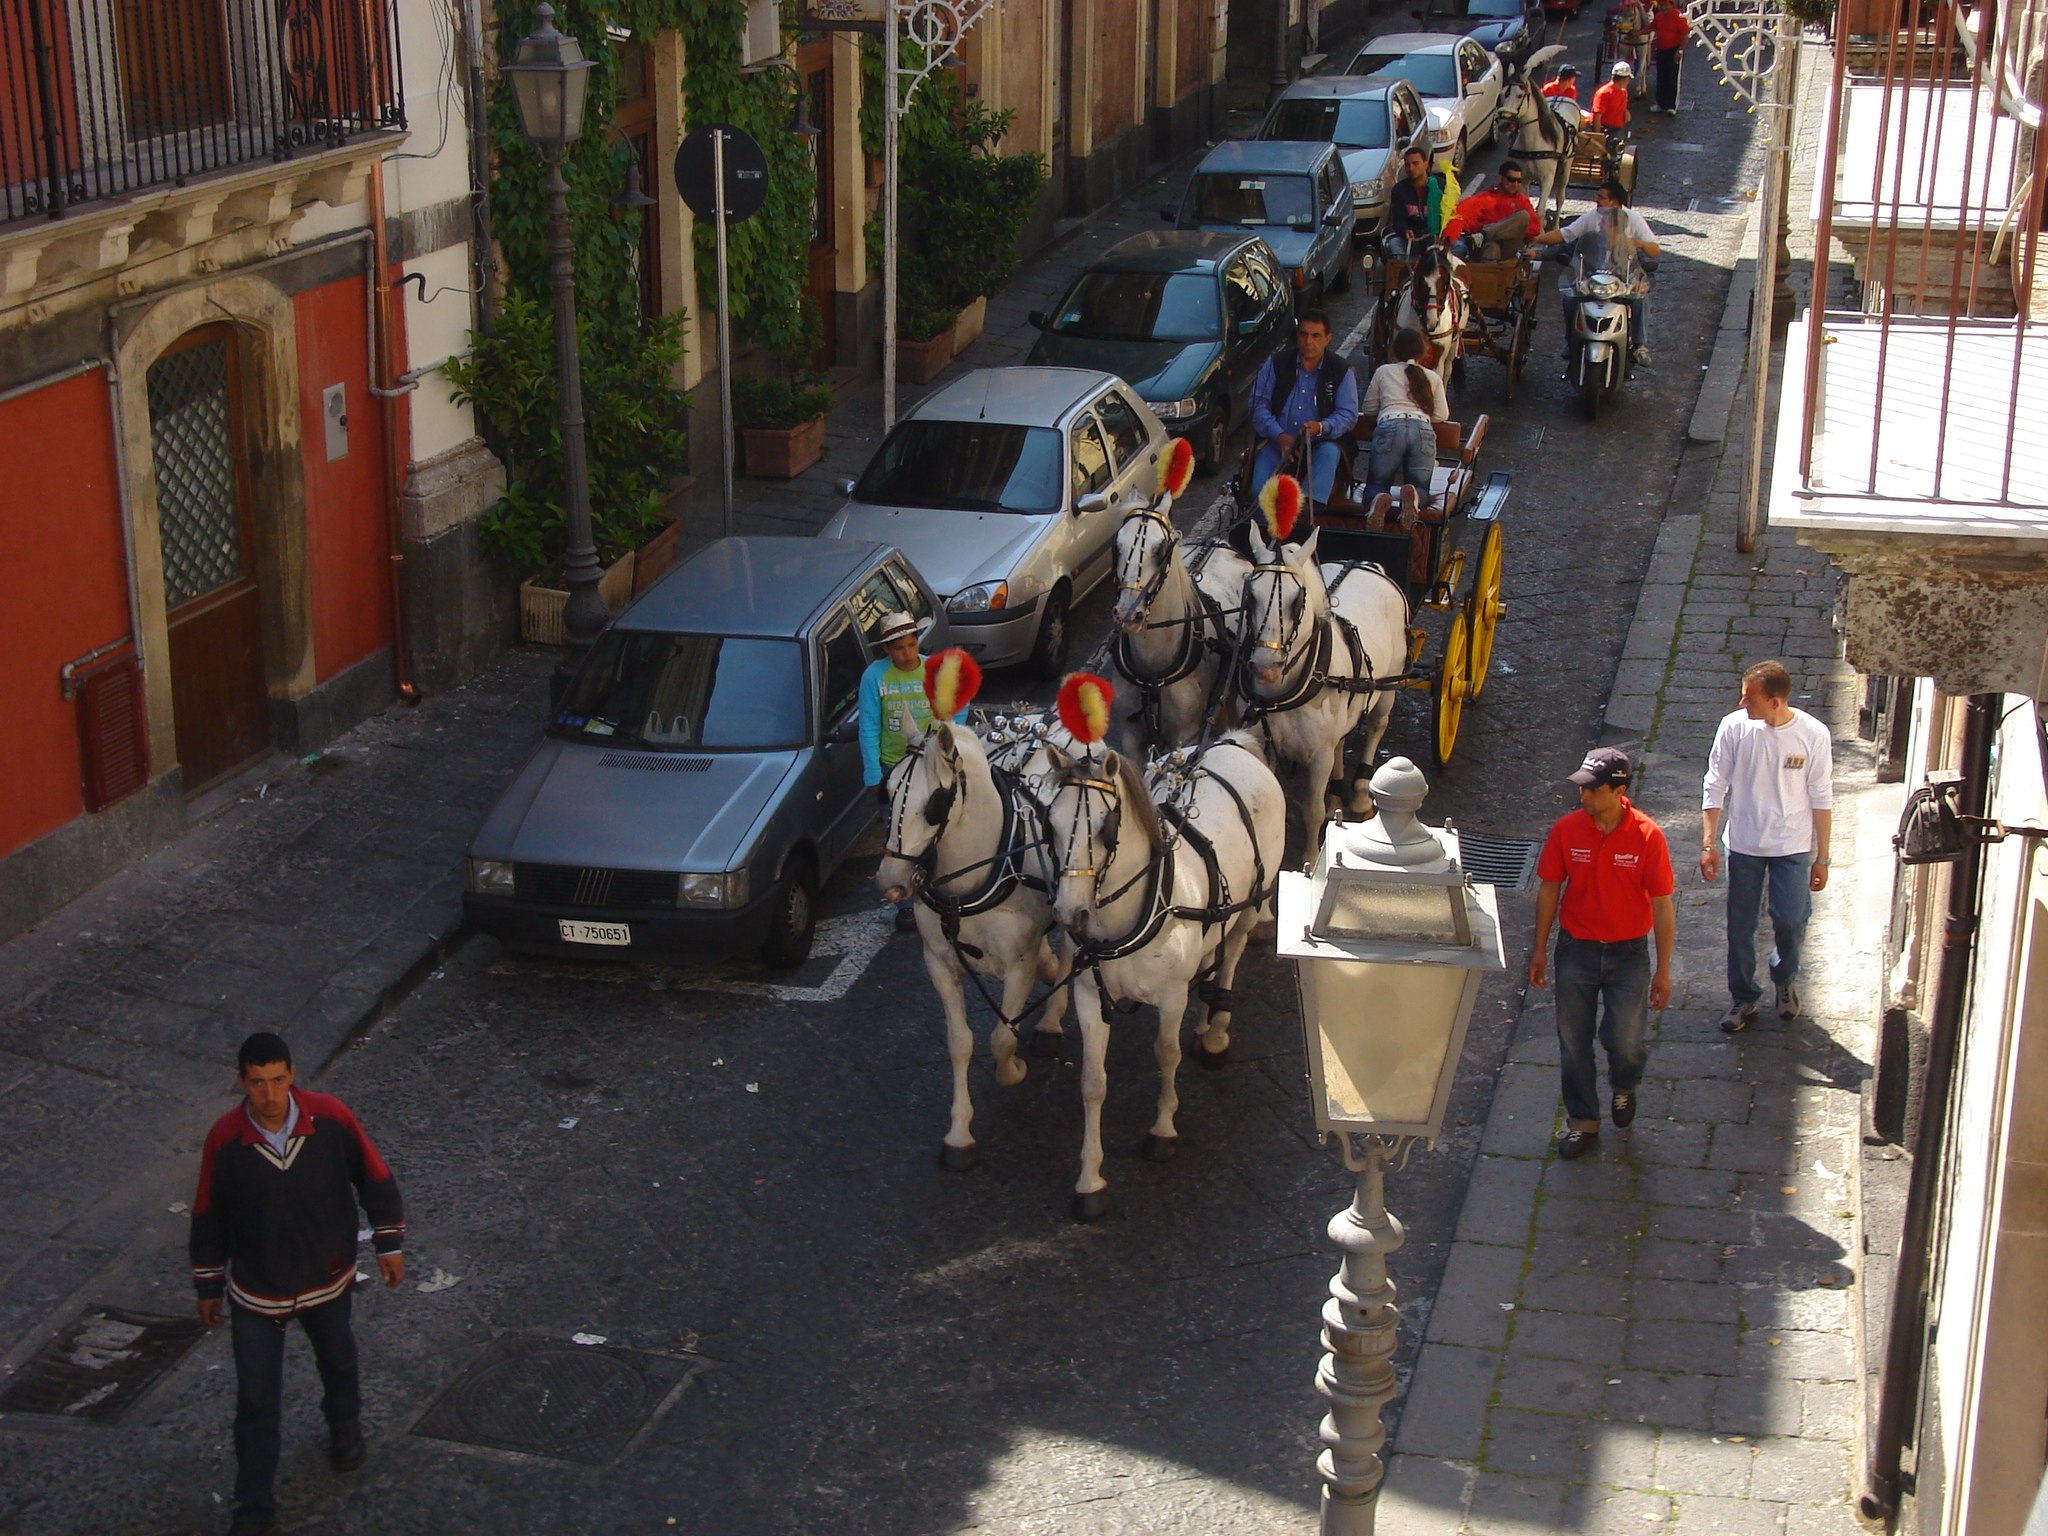 Sant'Alfio patron saint's festival